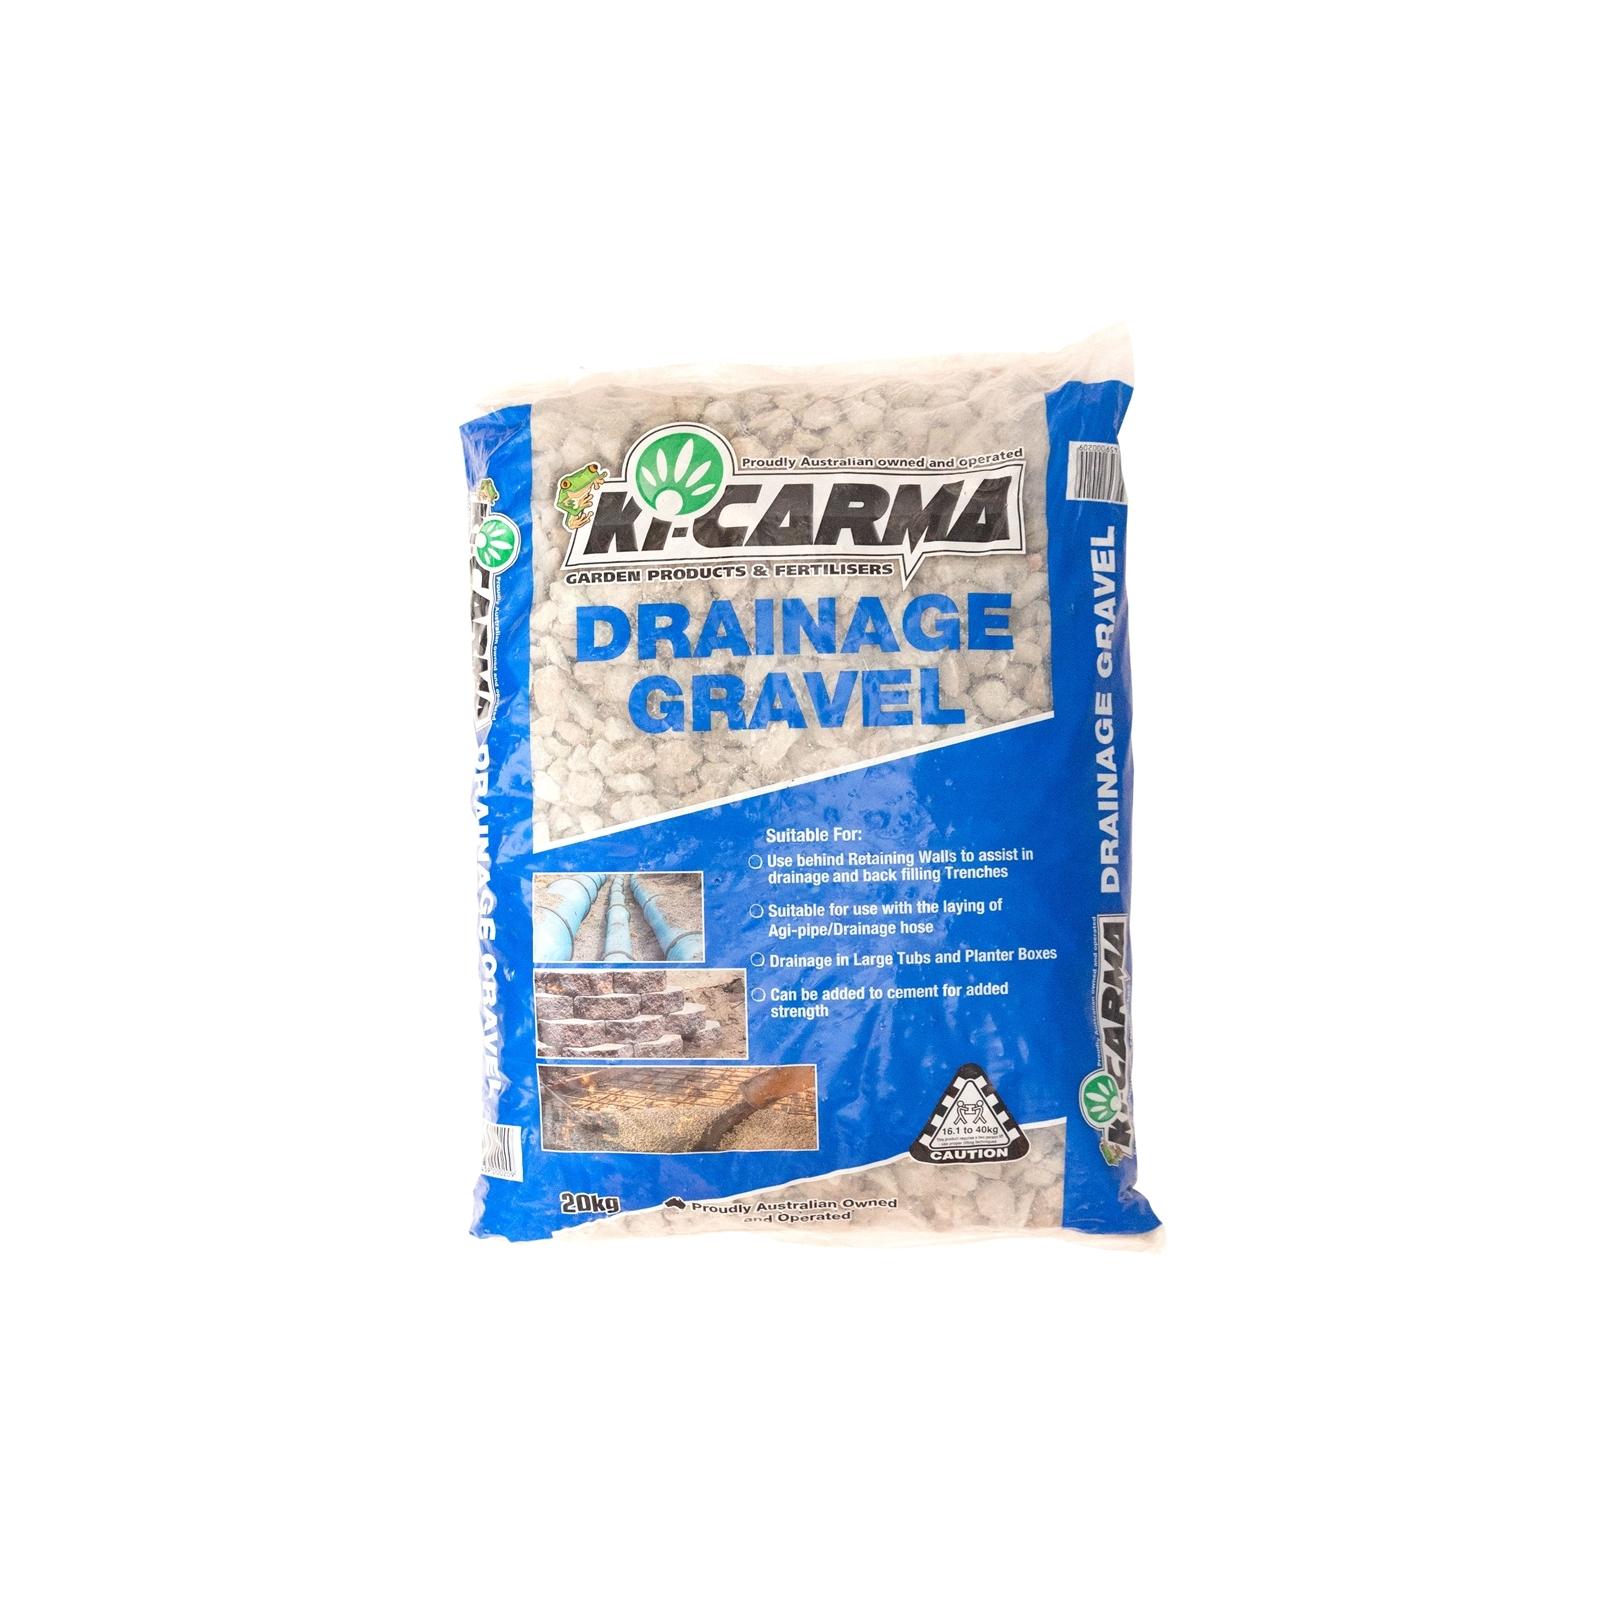 Ki-Carma 20kg 10-20mm Drainage Gravel